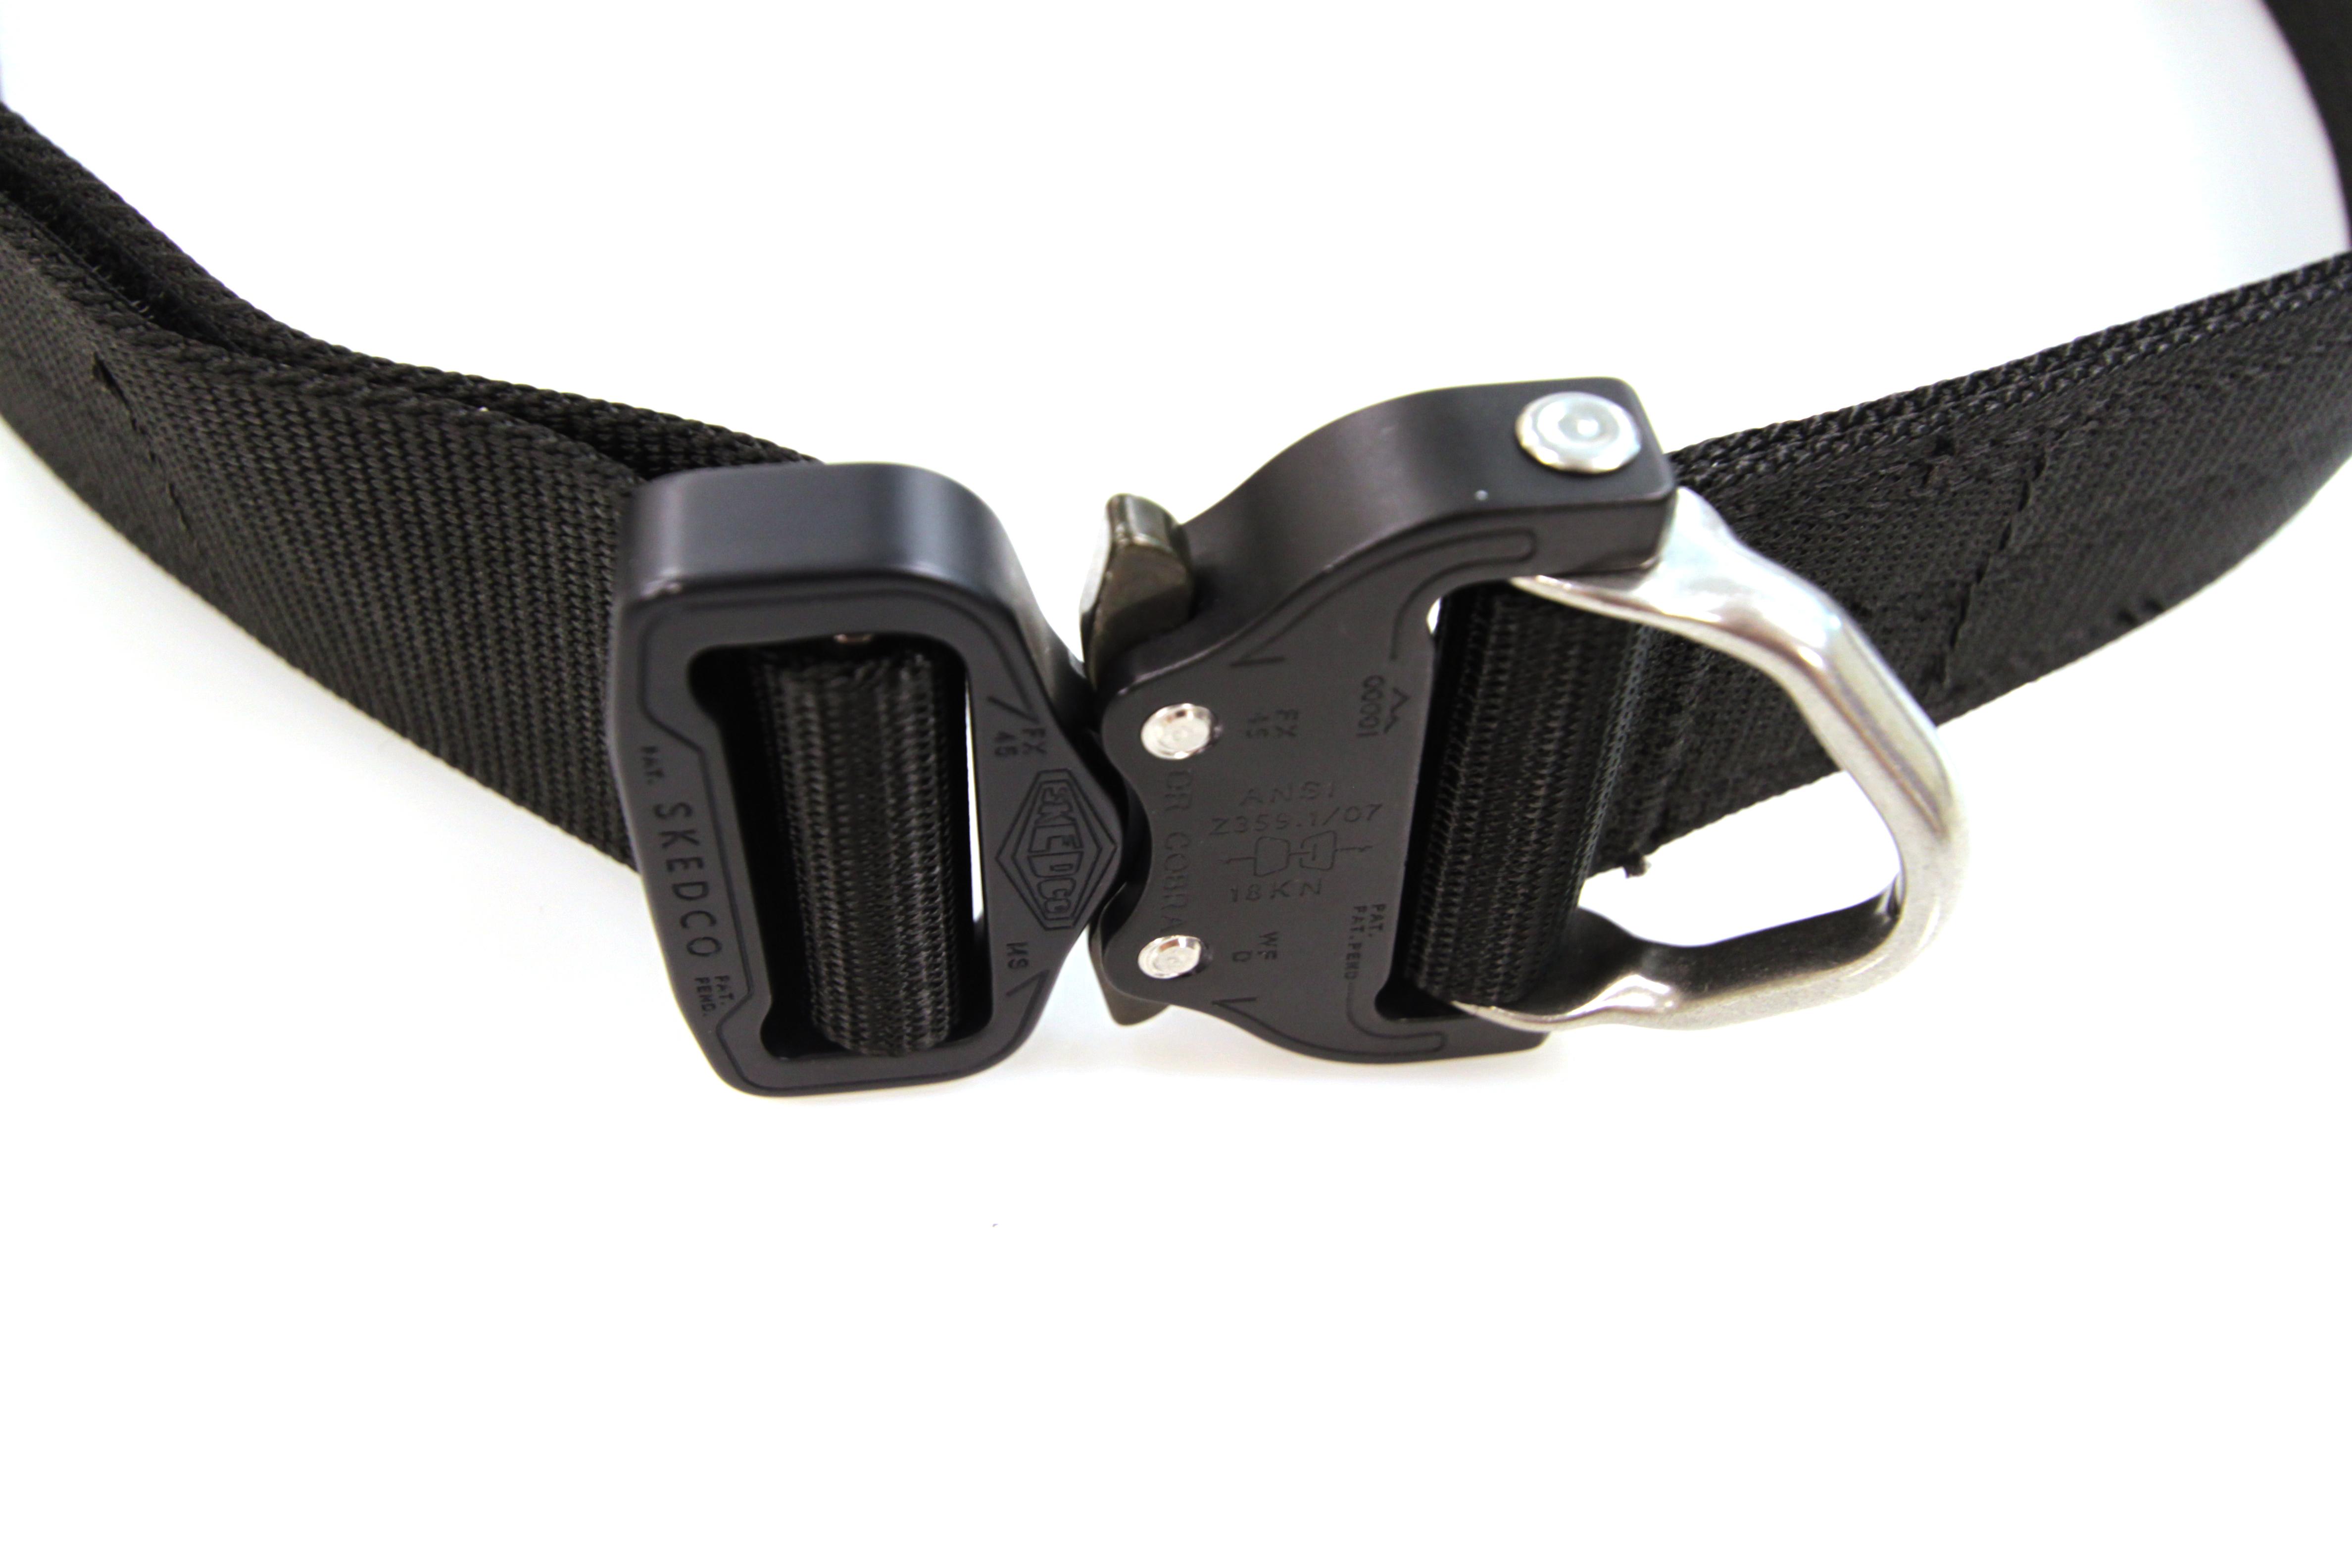 SKEDCO COBRA® D Riggers Belt - Skedco 906f8d318a6f